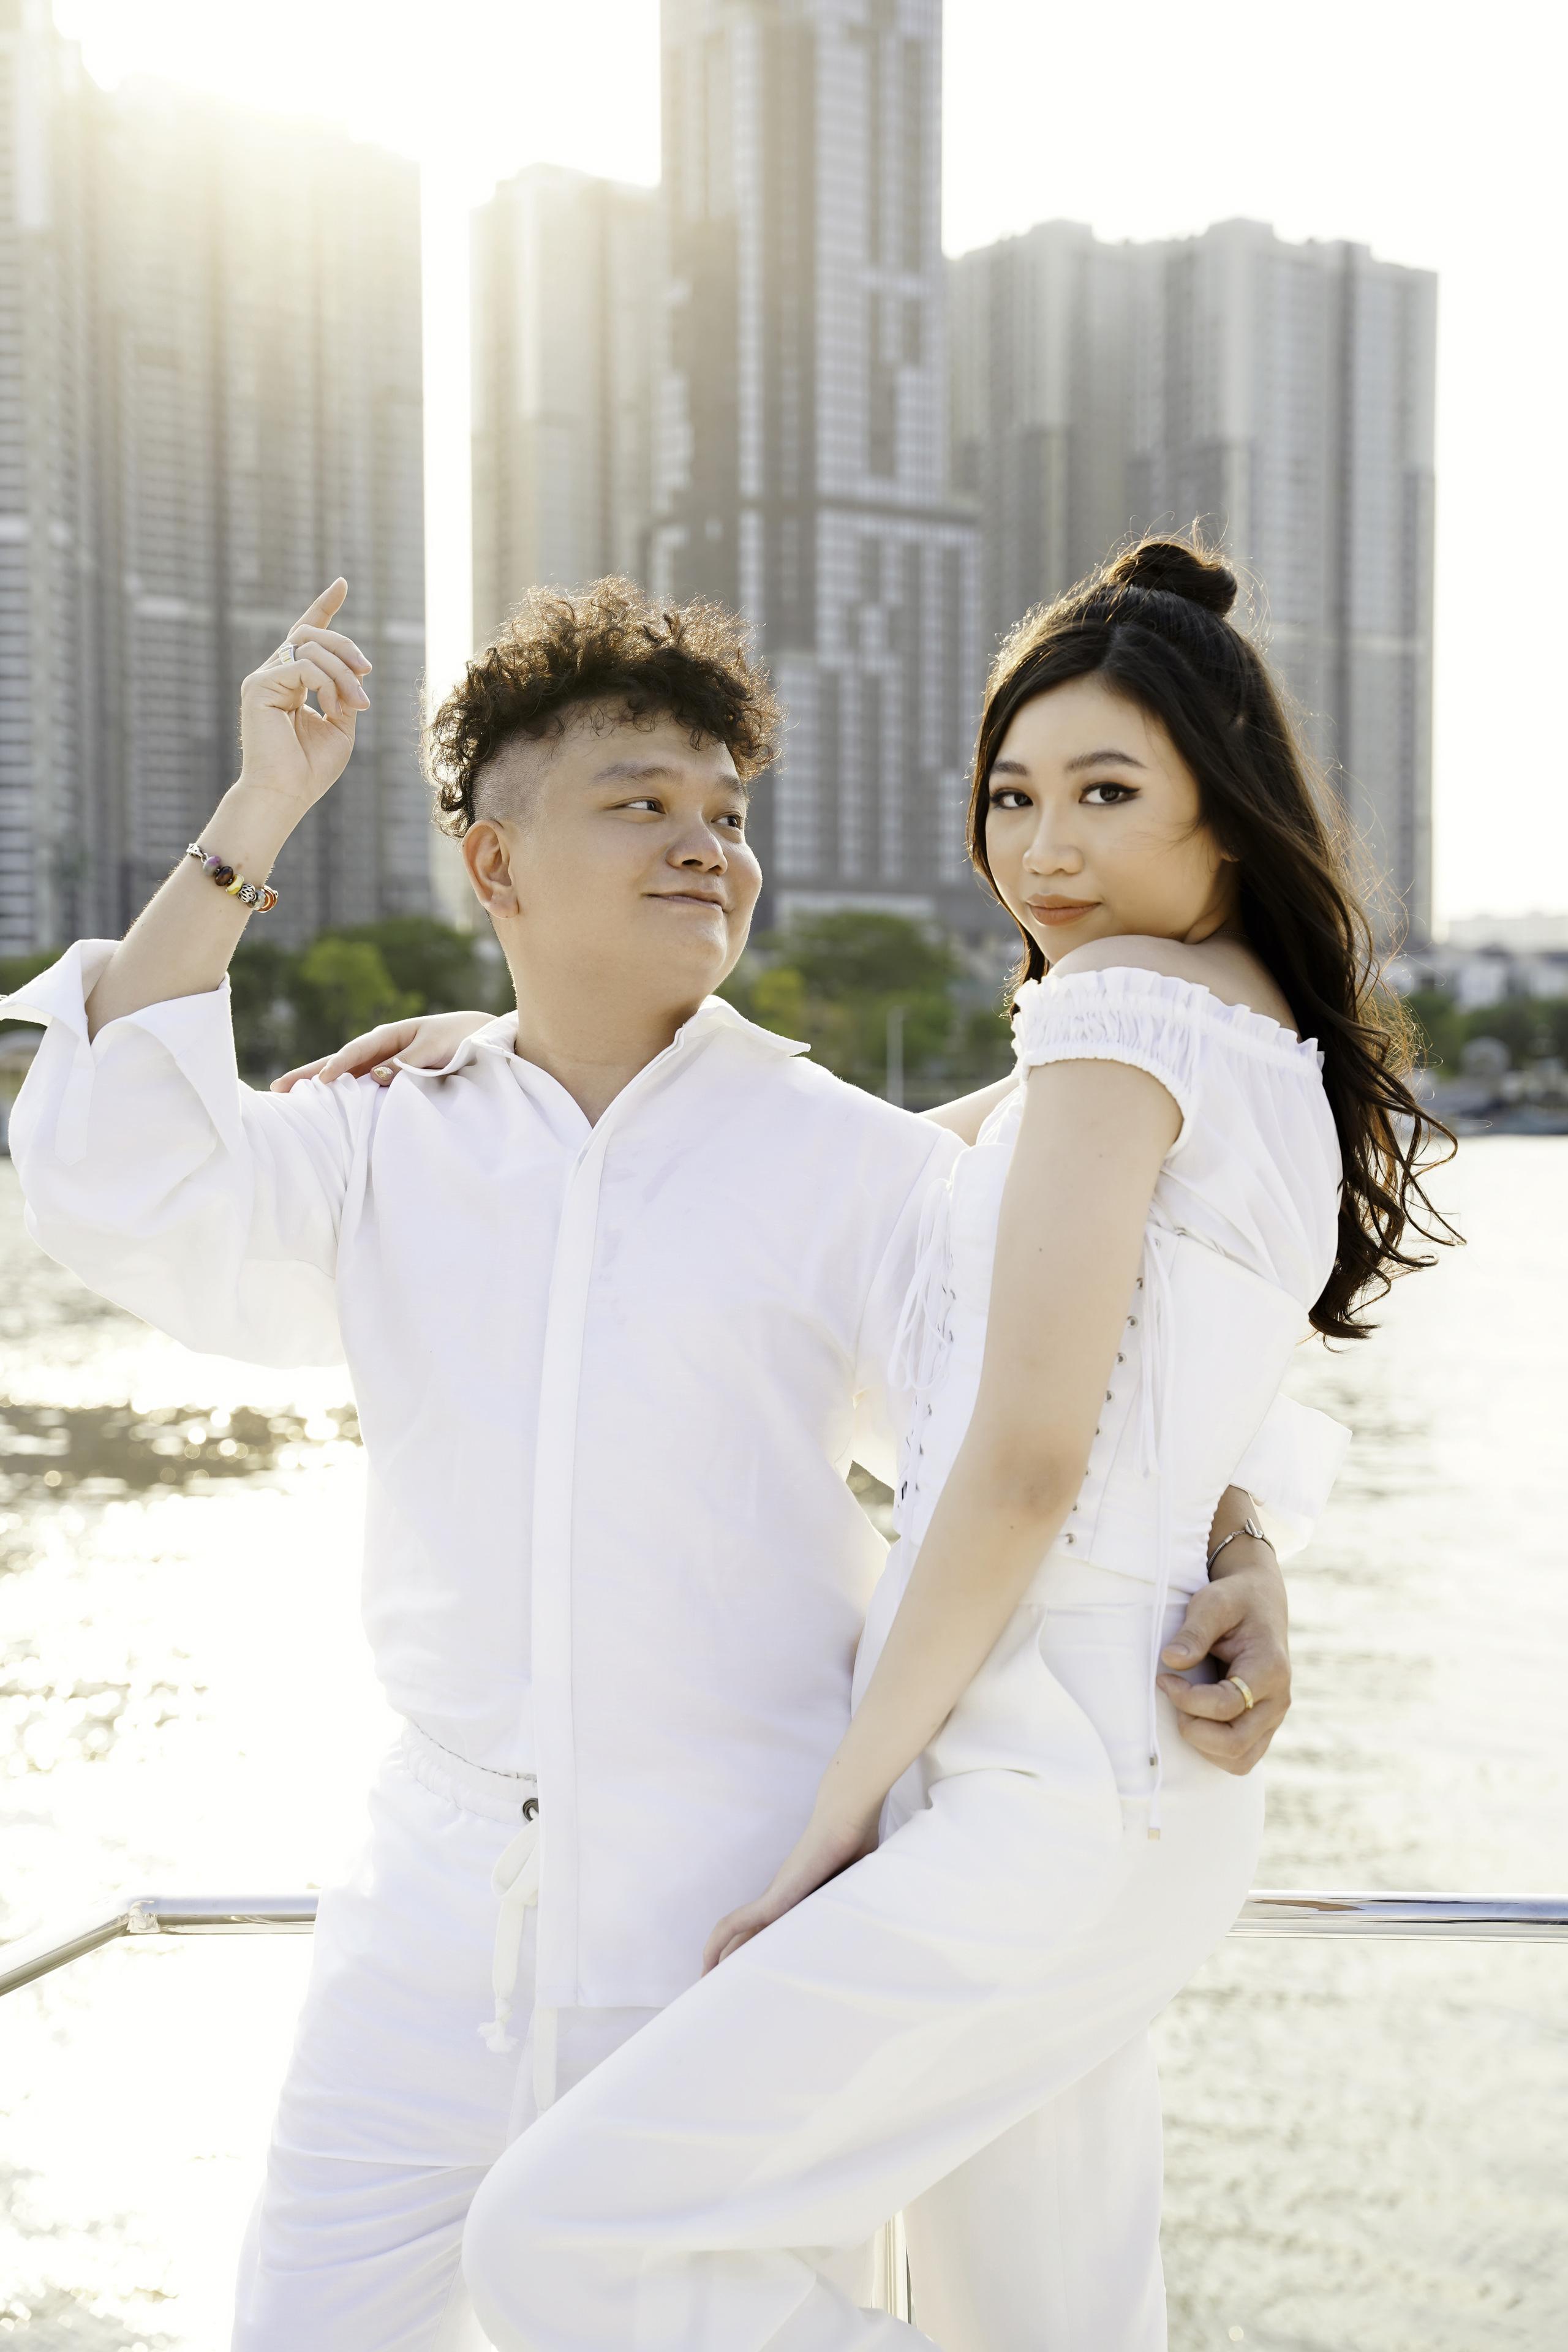 Yến Trang thân thiết bên Trịnh Tú Trung, Hoa hậu nhí cao 1m74 Ngọc Lan Vy chiếm spotlight vì quá xinh đẹp - Ảnh 4.